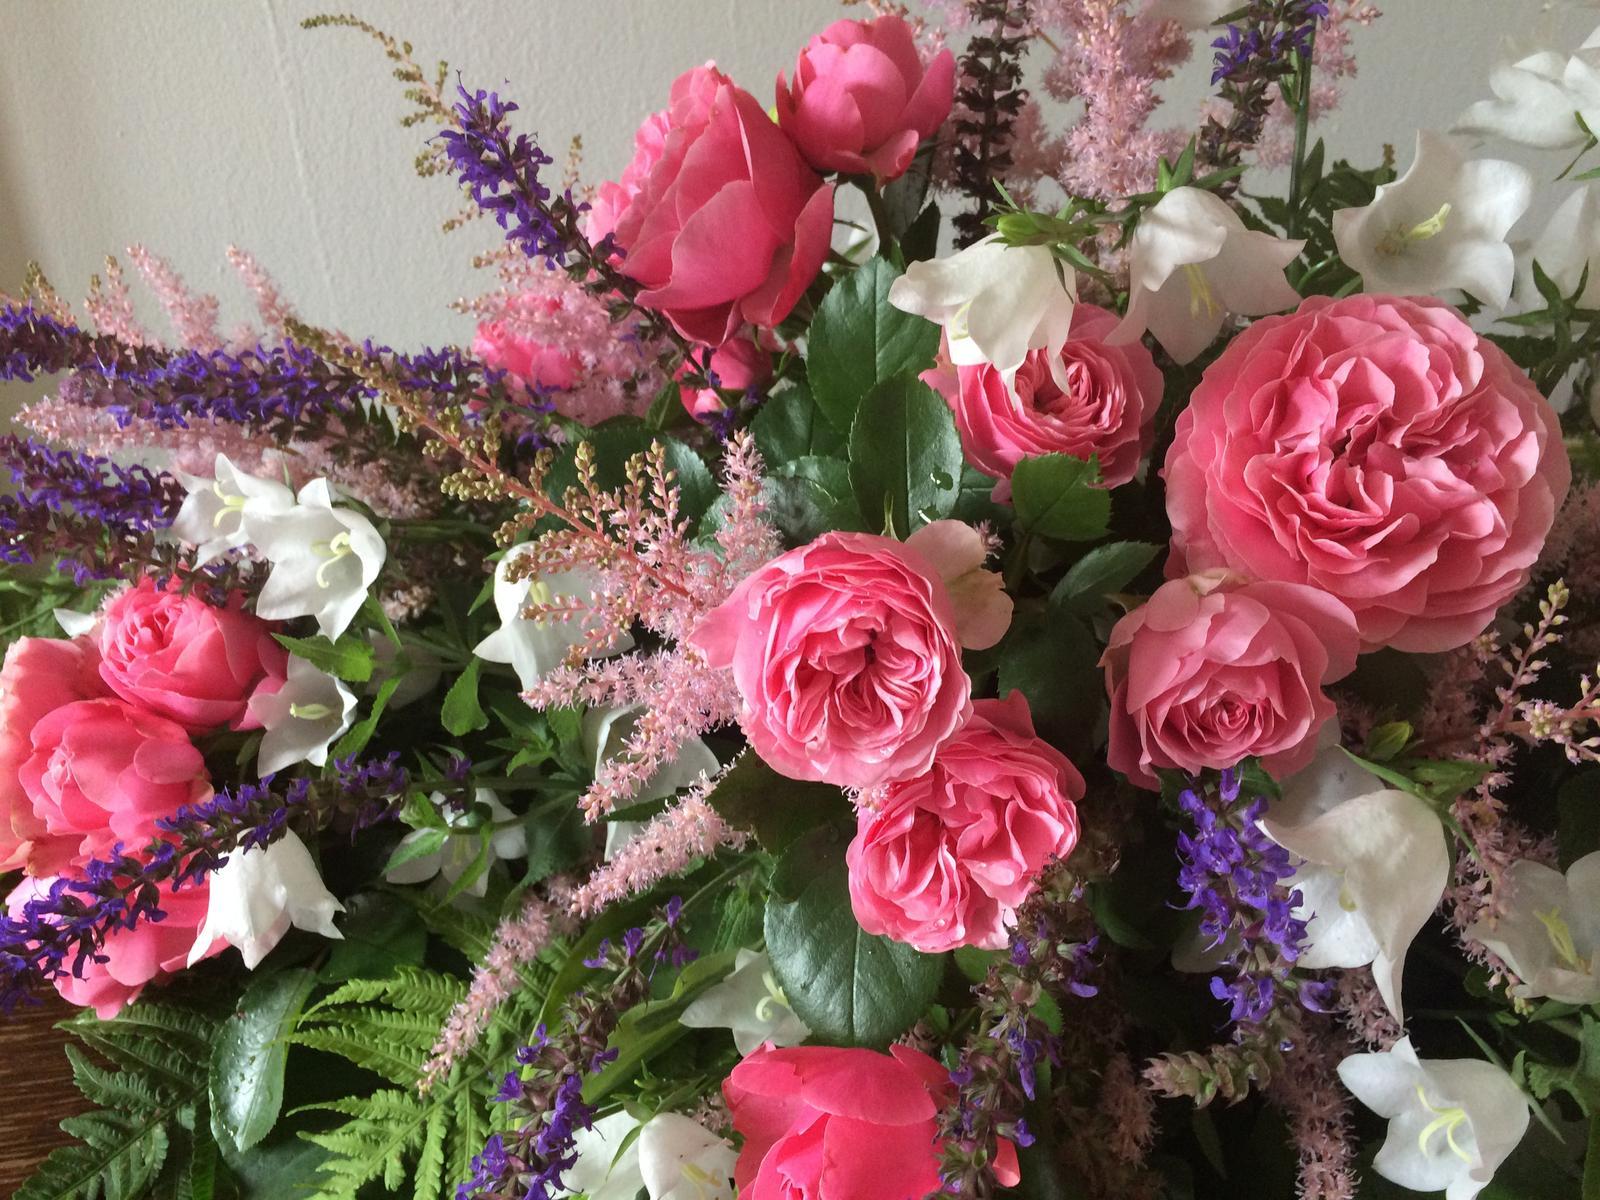 Dekorace z květin Pro radost - Obrázek č. 192